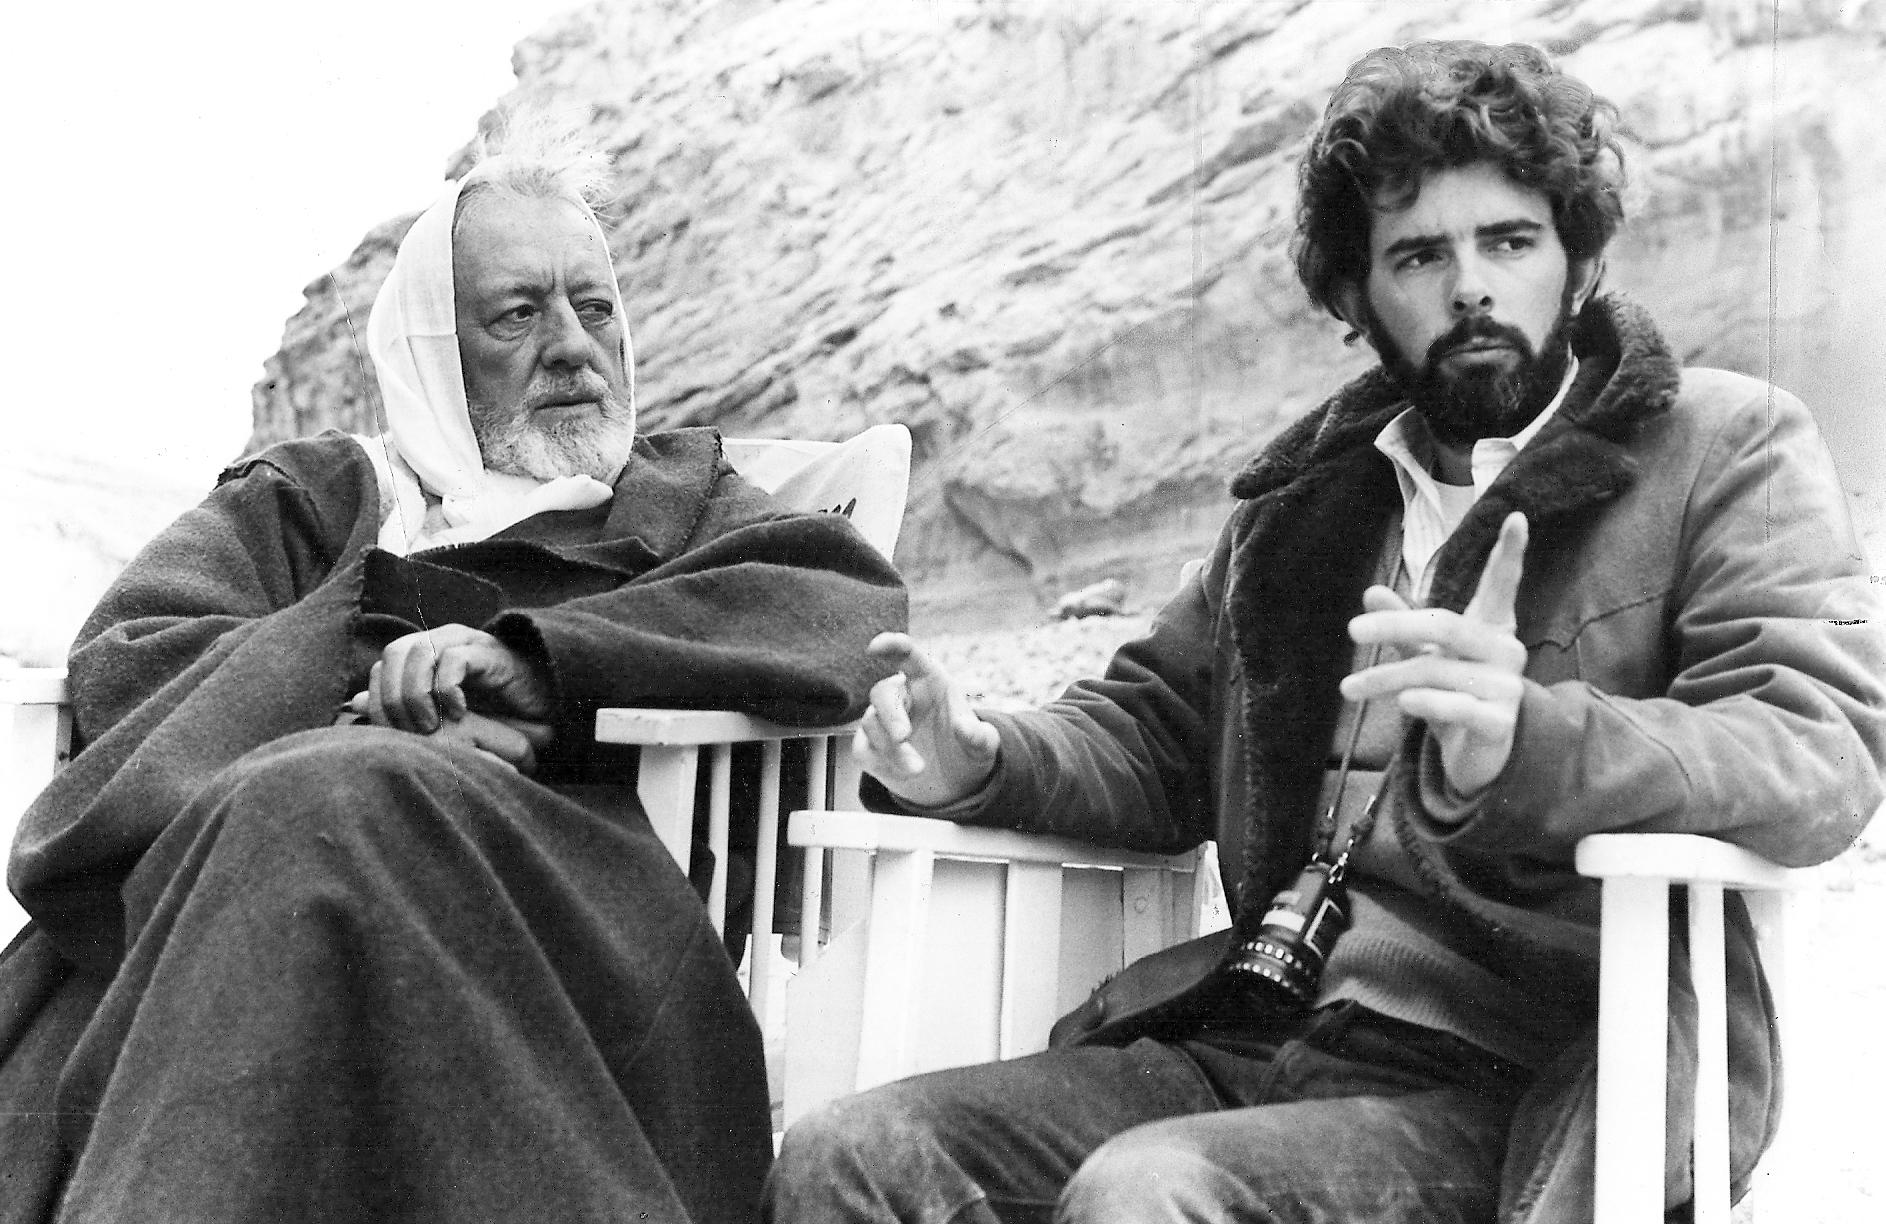 Sir Alec Guiness & George Lucas